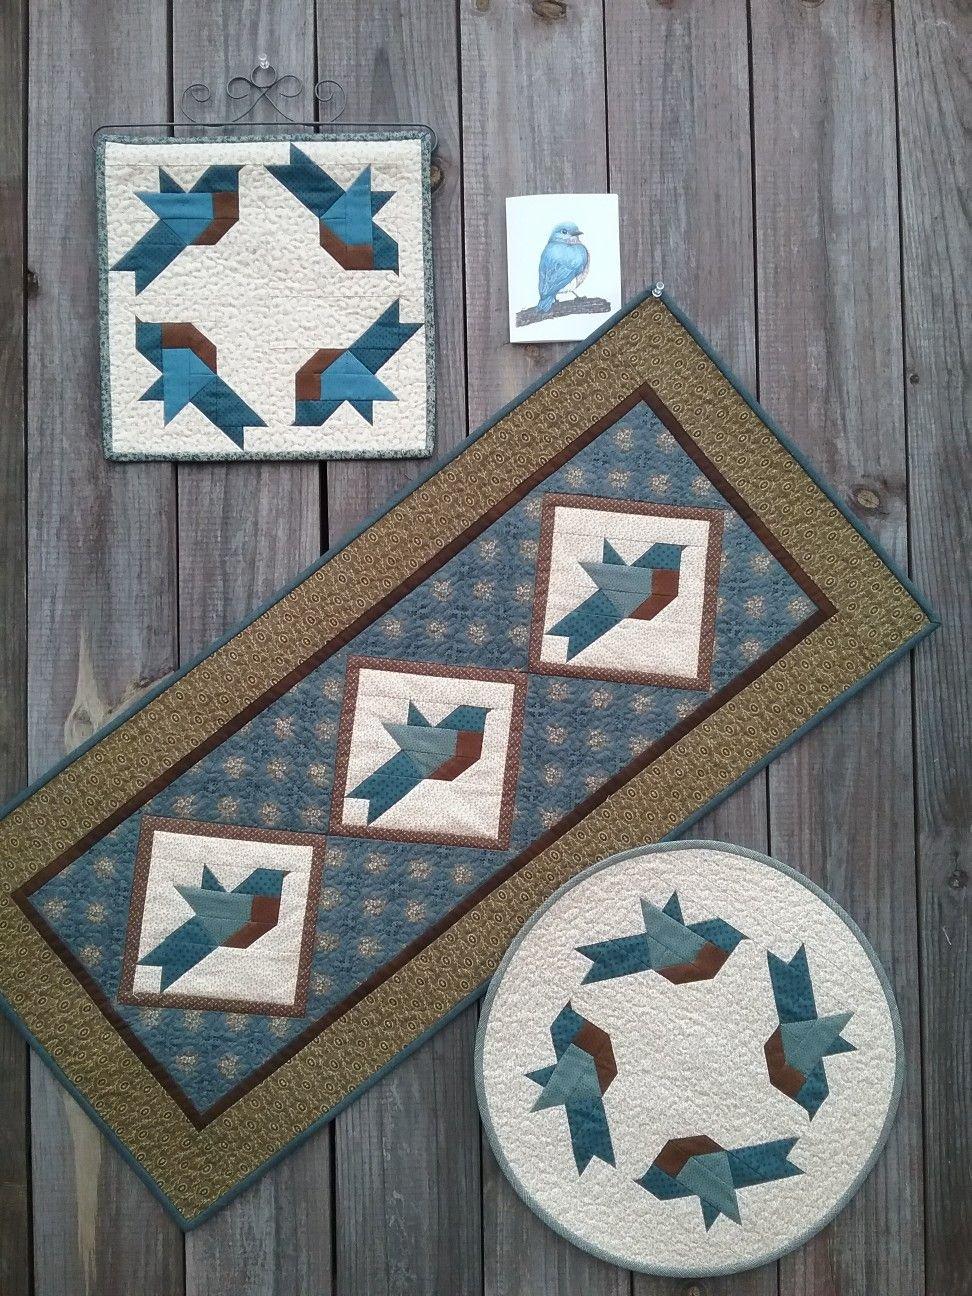 Bluebird Quilts & Card #199